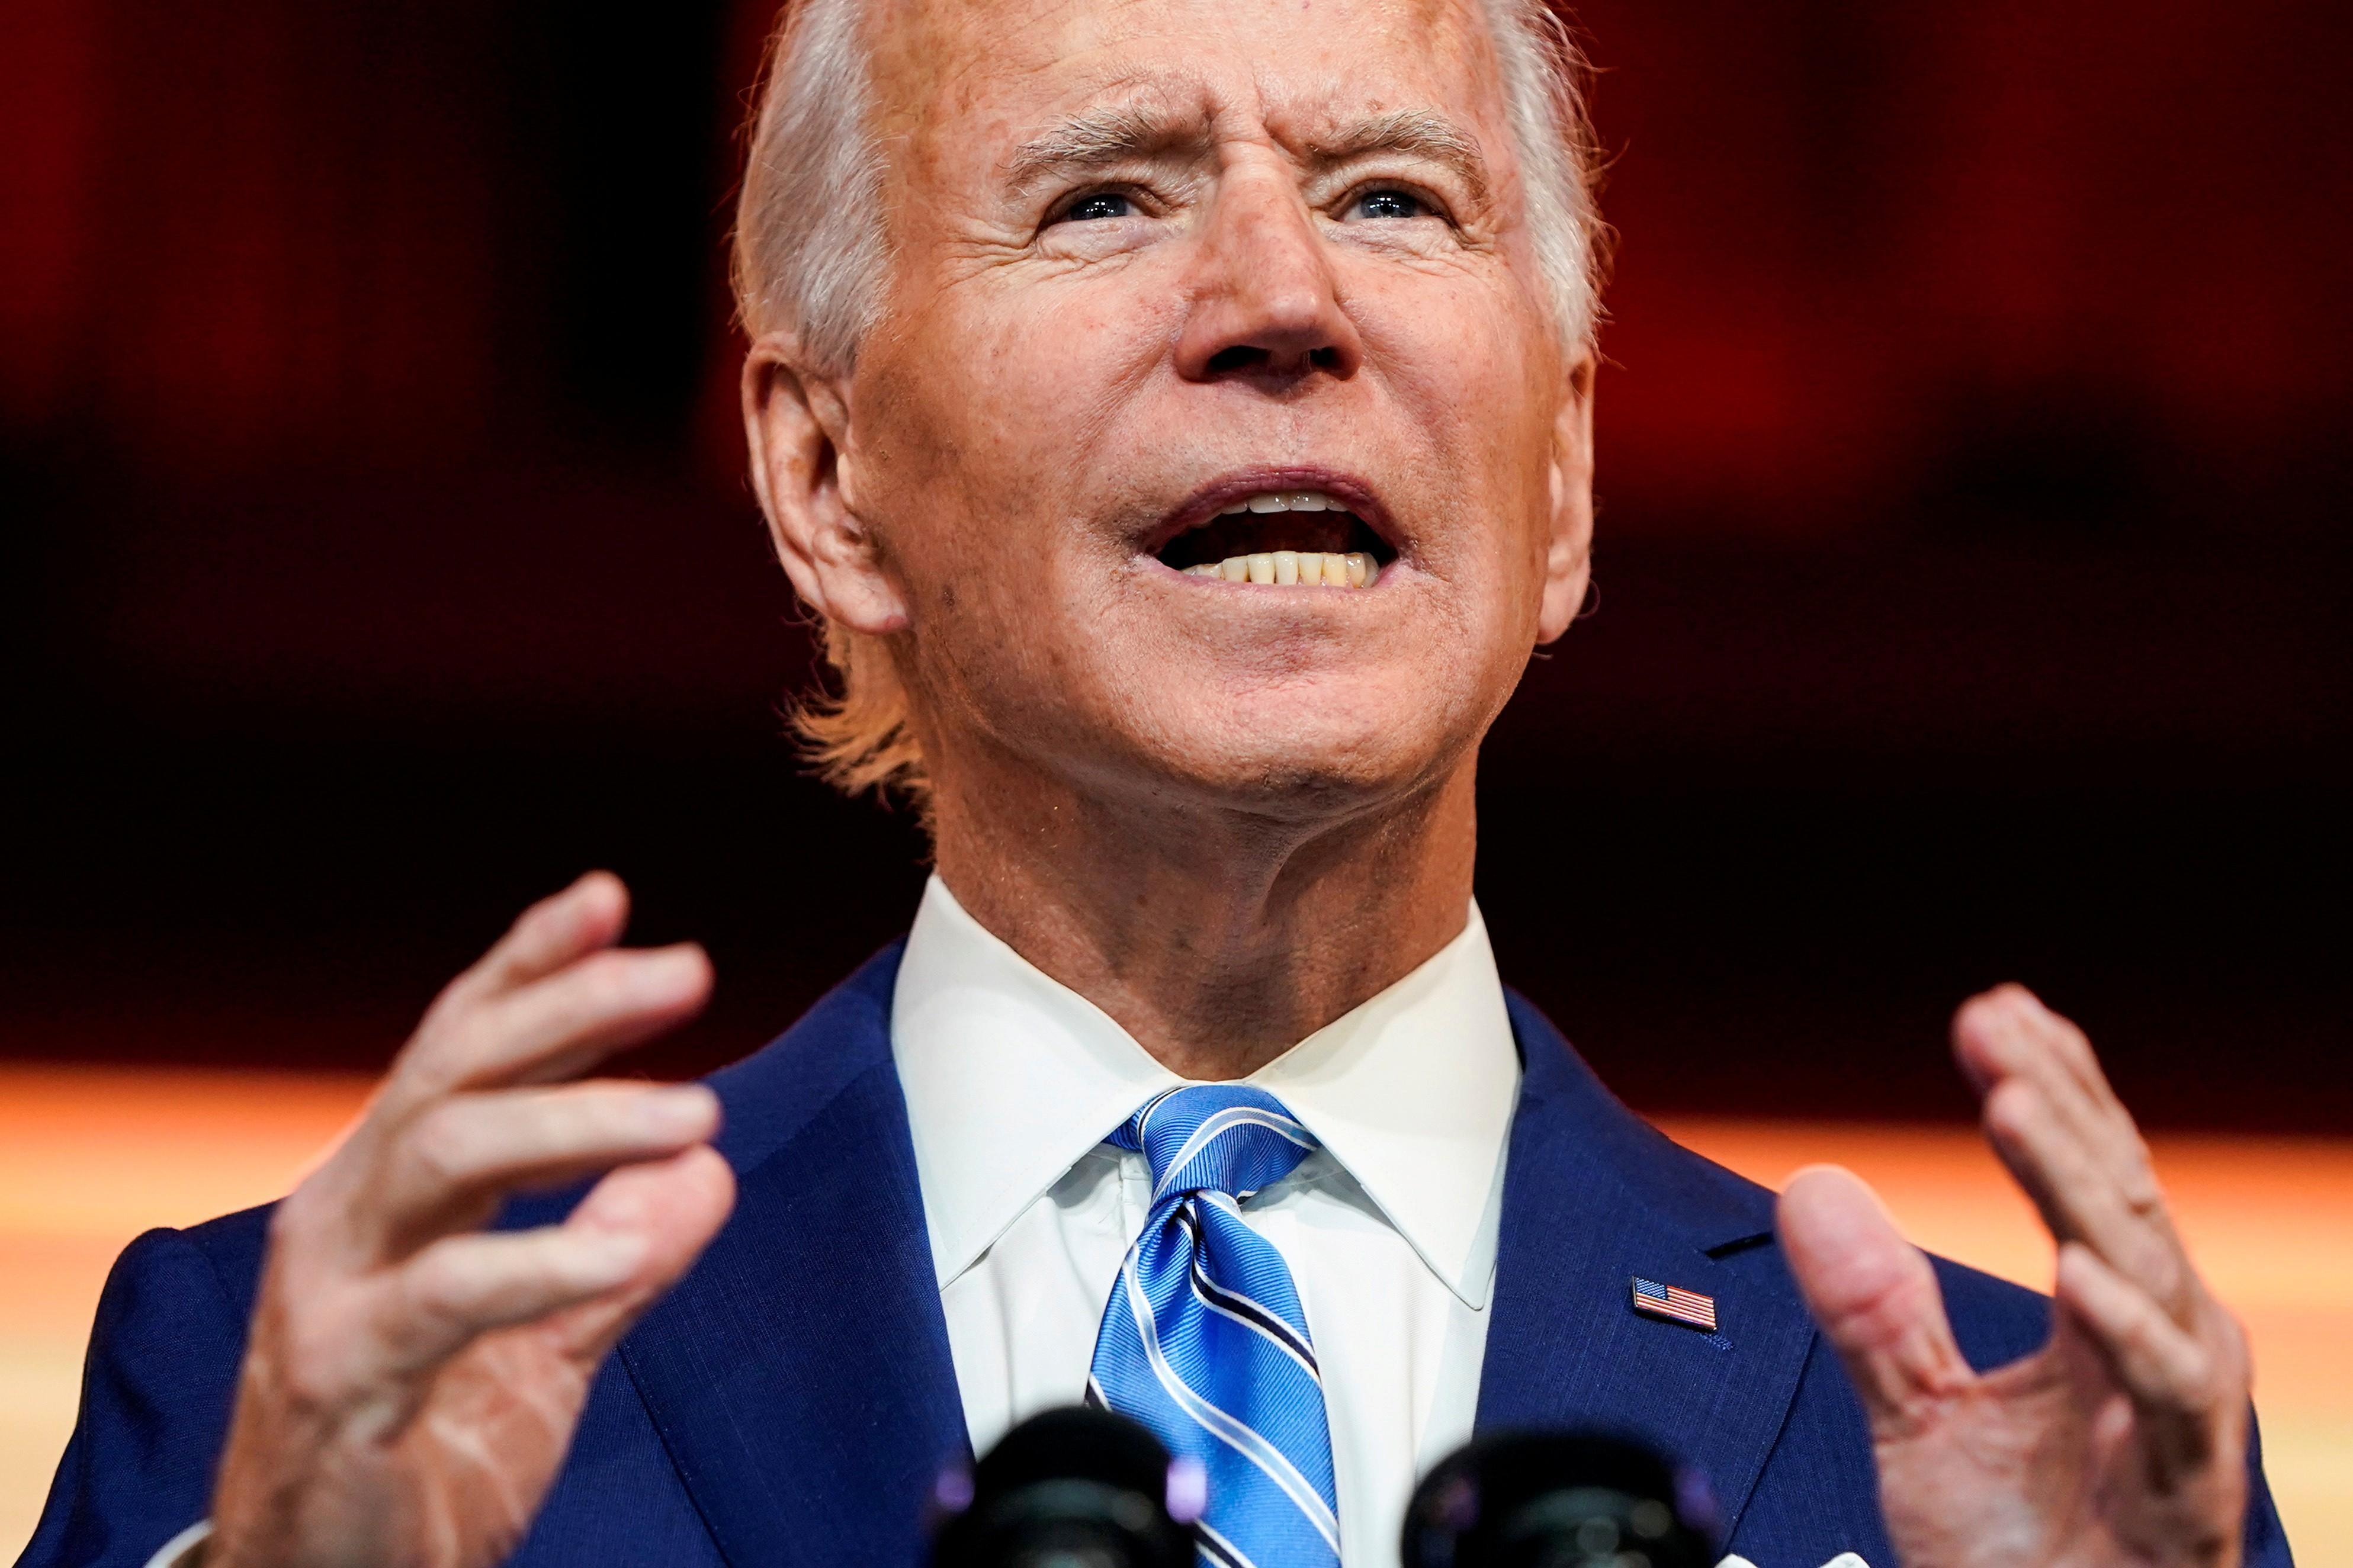 Joe Biden torce o tornozelo ao brincar com cachorro